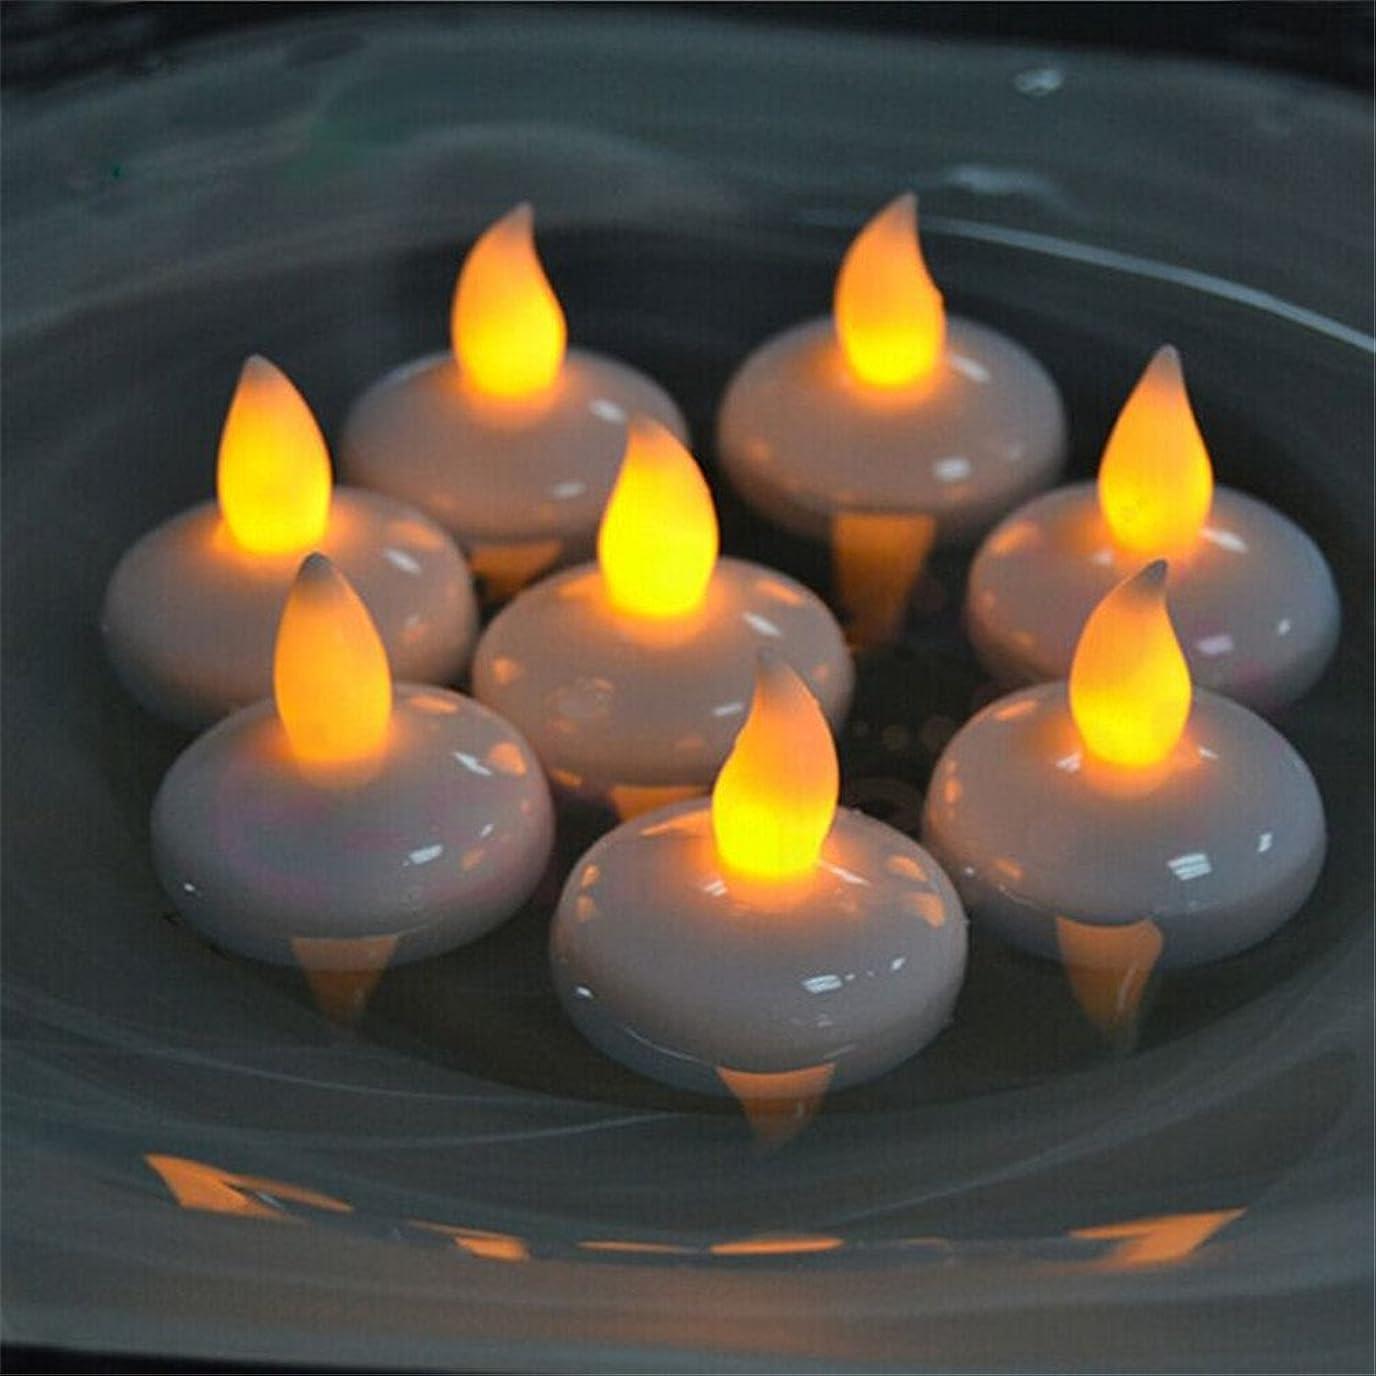 助けになる遠足大気(愛の灯)Youngerbaby12/水に浮くローソク 暖かい黄色い光のLEDキャンドルライト 癒しの雰囲気誕生日パーティーやクリスマスなどの装飾用